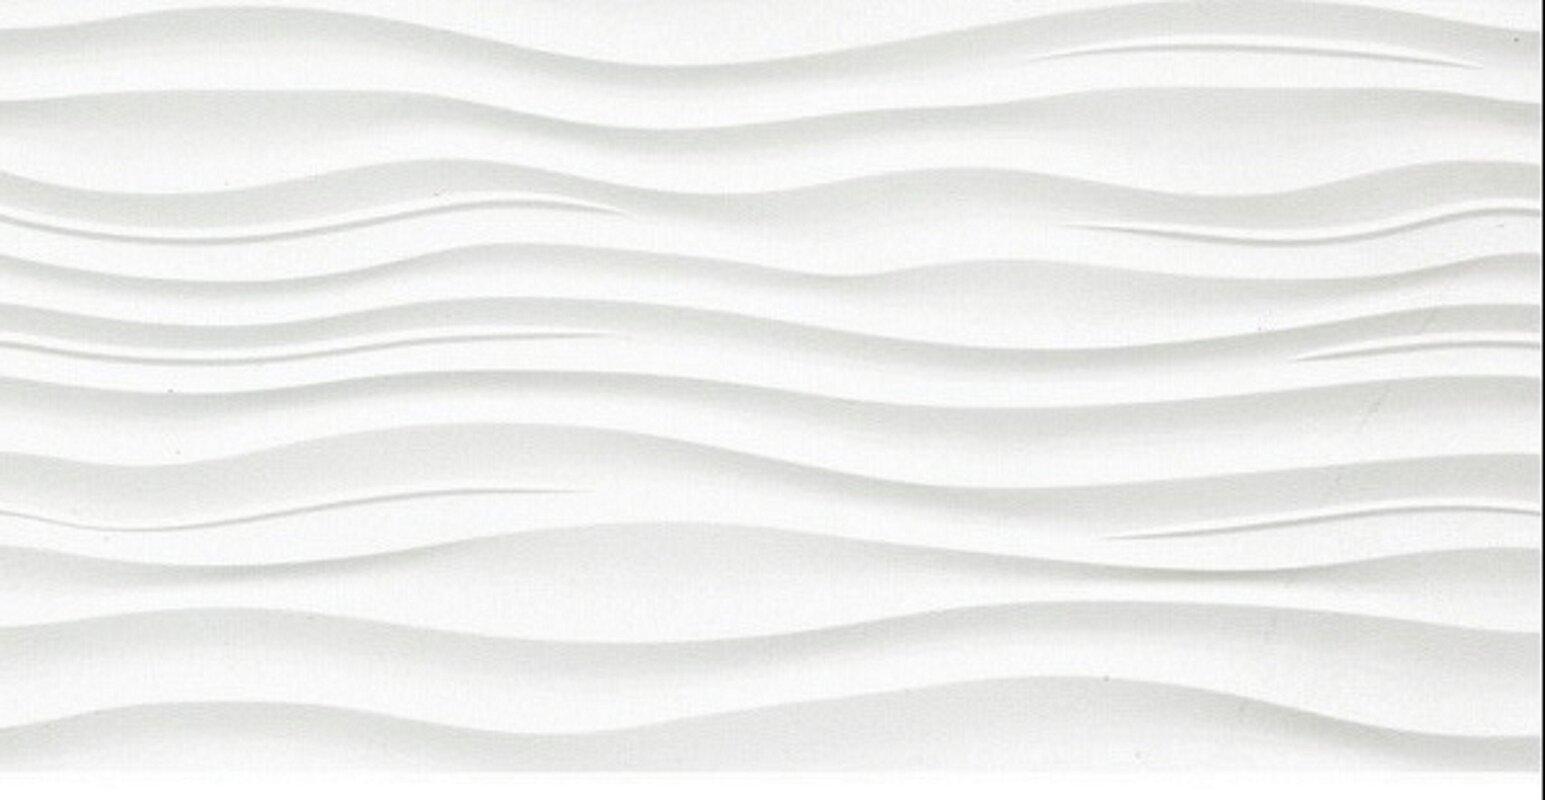 Emser Tile Surface 12 X 24 Porcelain Tile In Ripple White